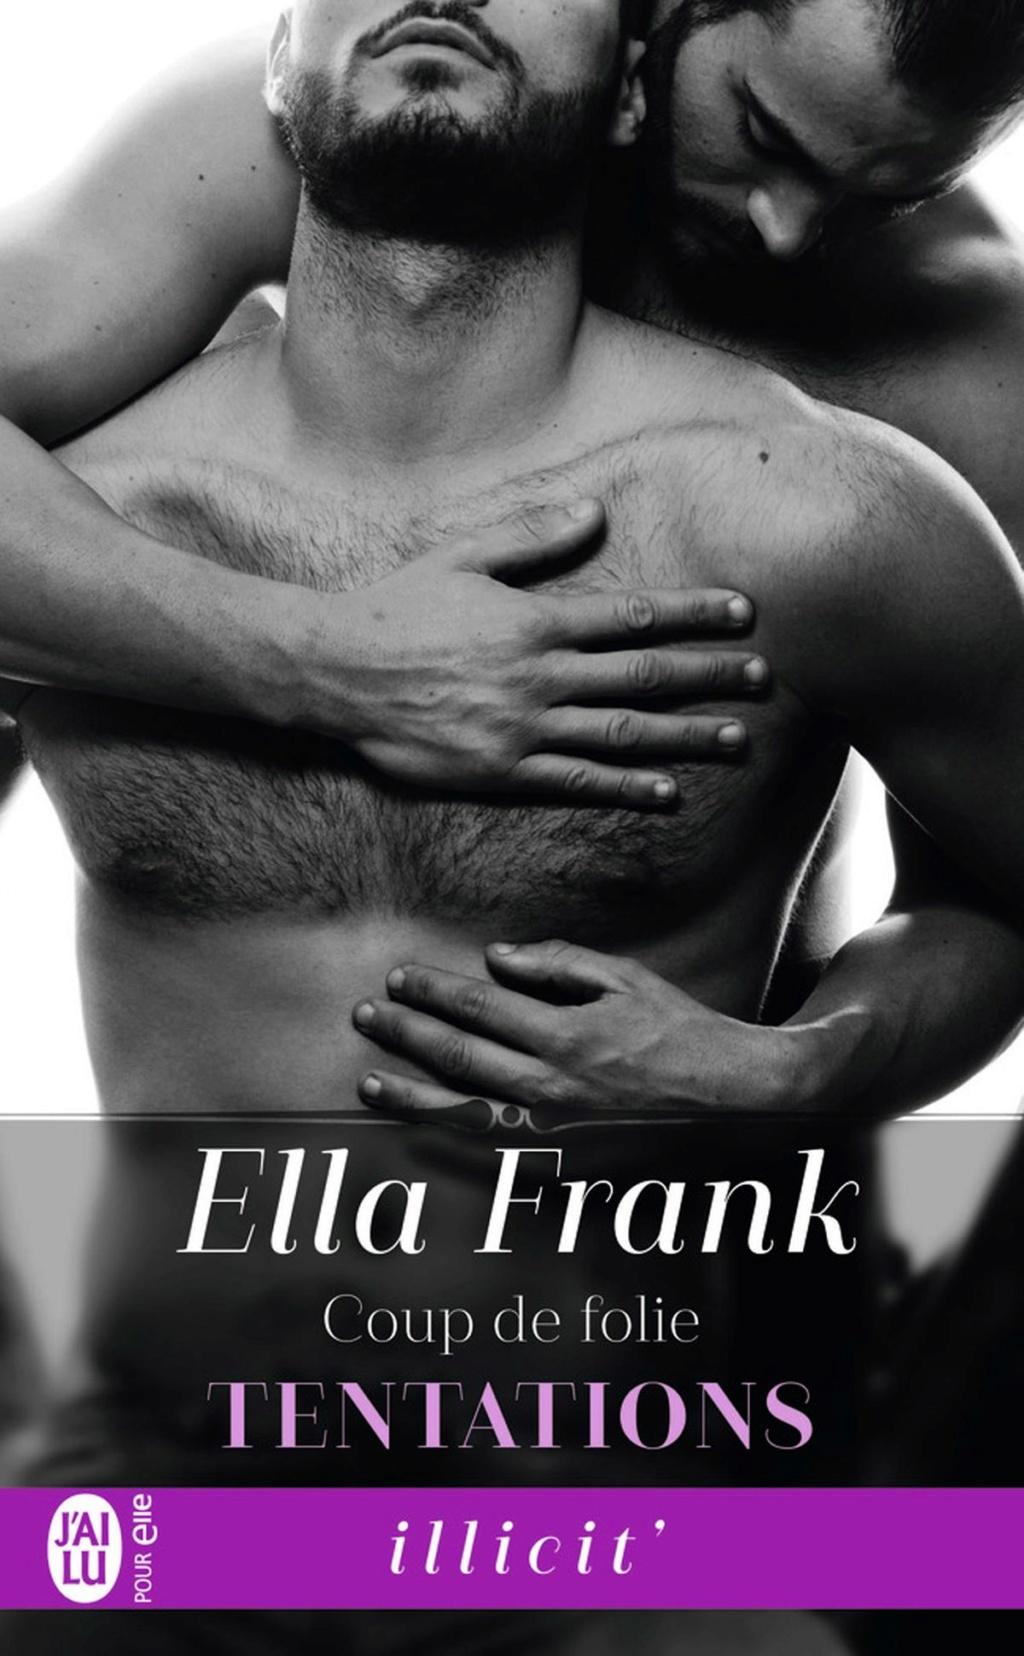 FRANK Ella - TENTATIONS - Tome 5 : Coup de Folie Tentat14